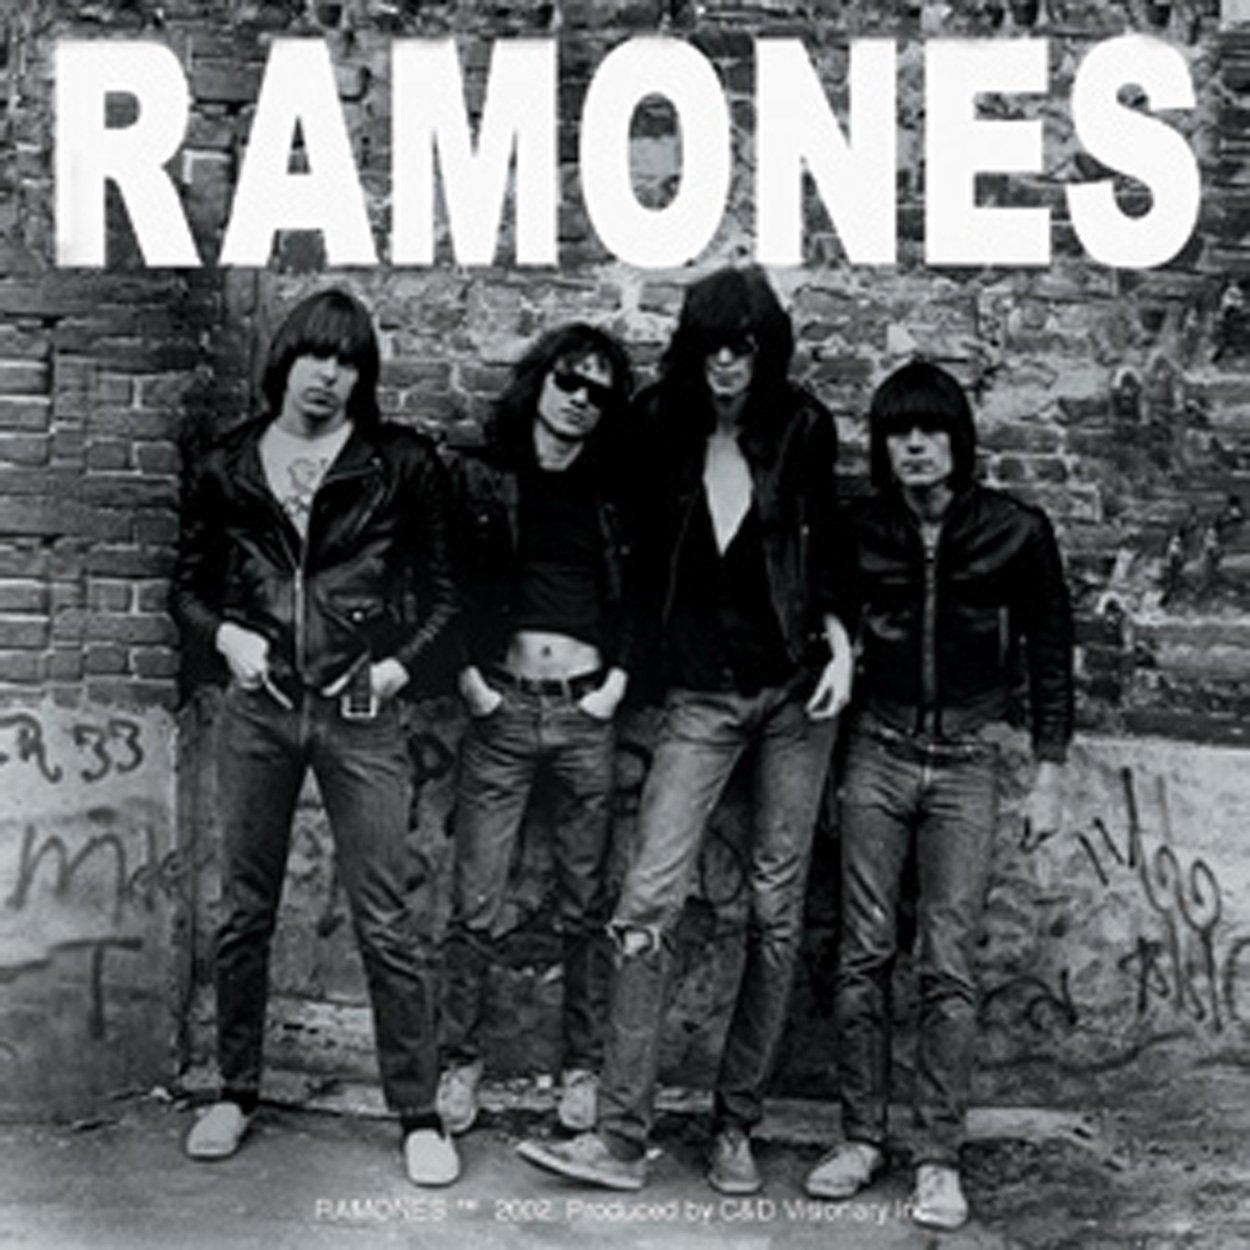 Las mejores Bandas de Rock de los 80, Ramones